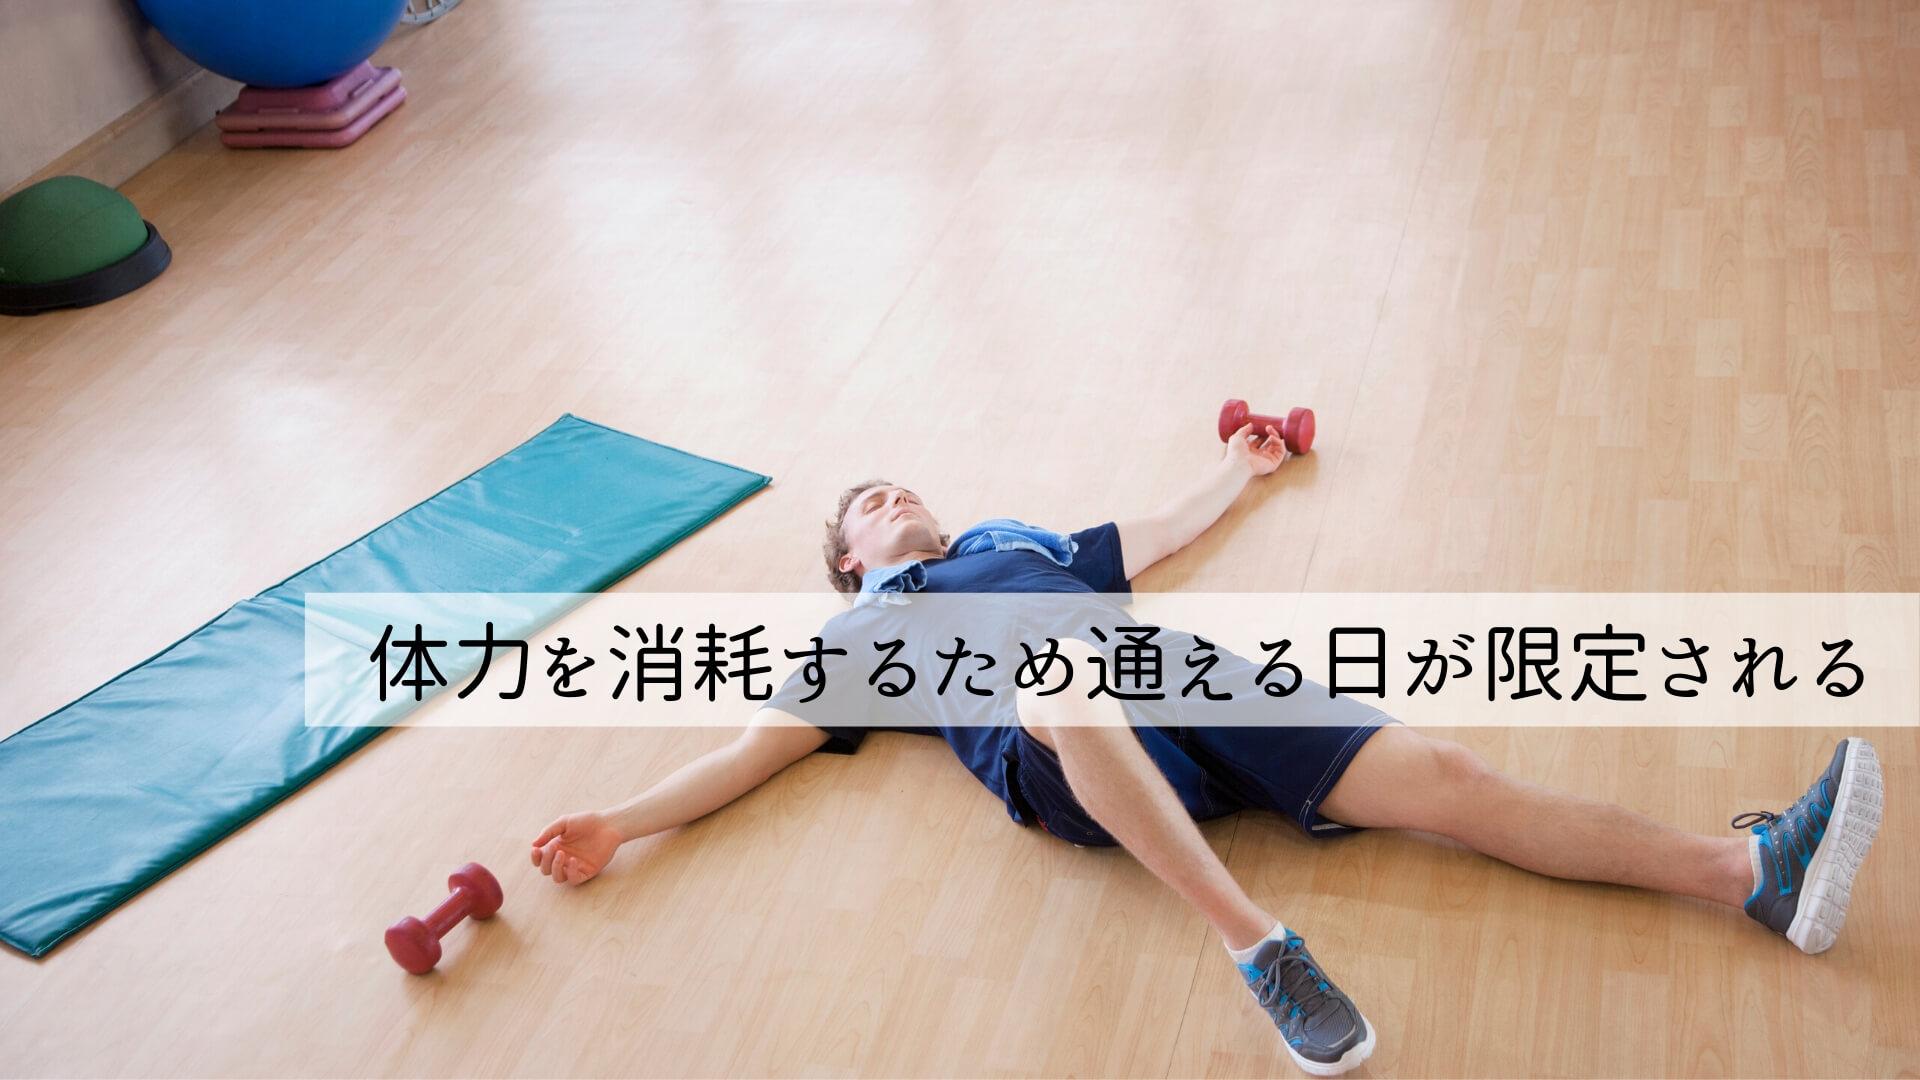 ホットヨガは体力を消耗するため通える日が限定される